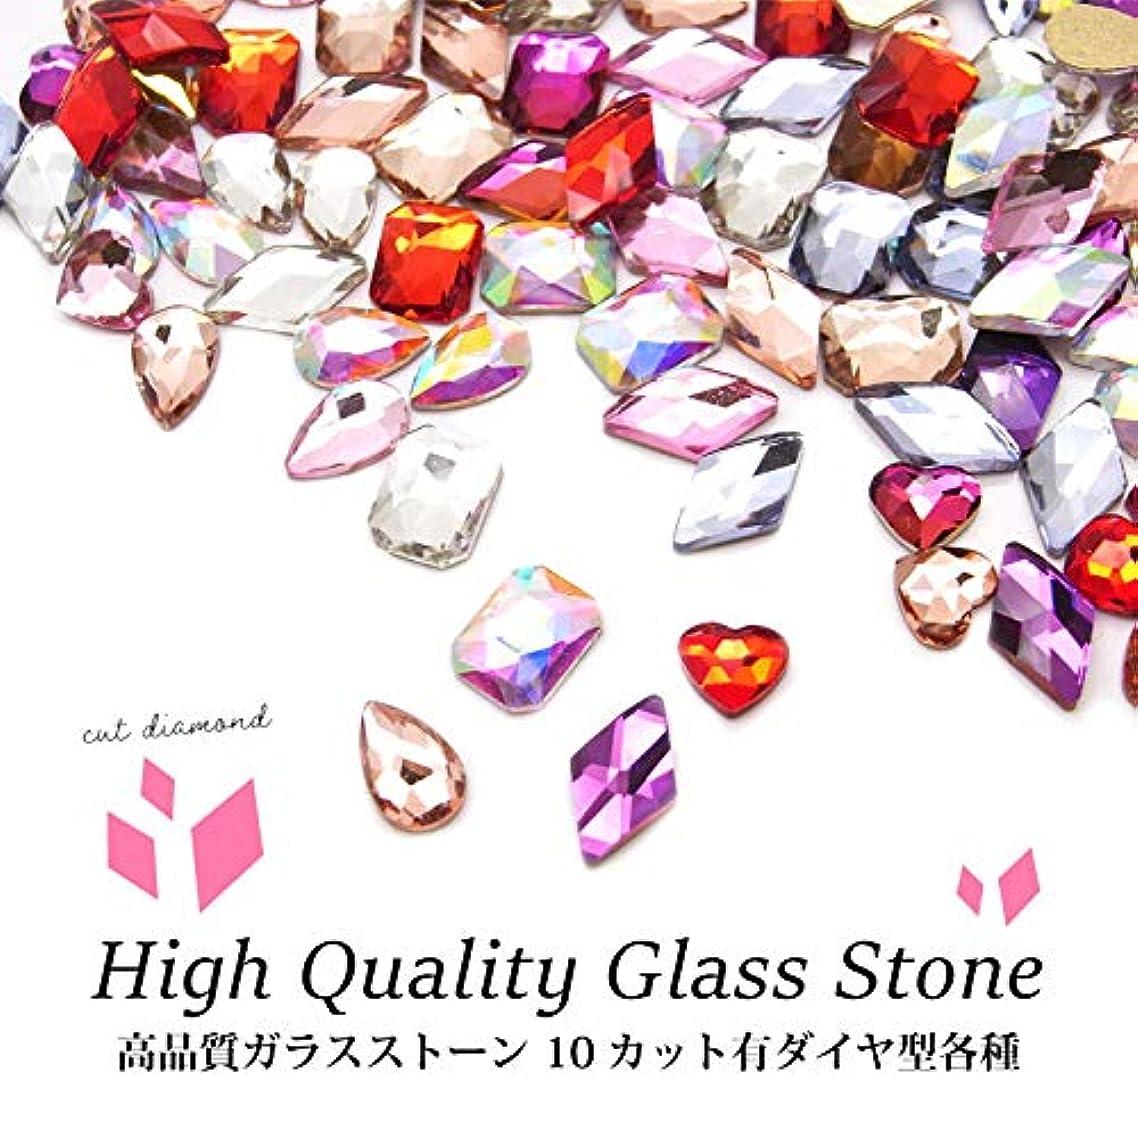 凍結他の日ハブ高品質ガラスストーン 10 カット有ダイヤ型 各種 5個入り (1.クリスタル)